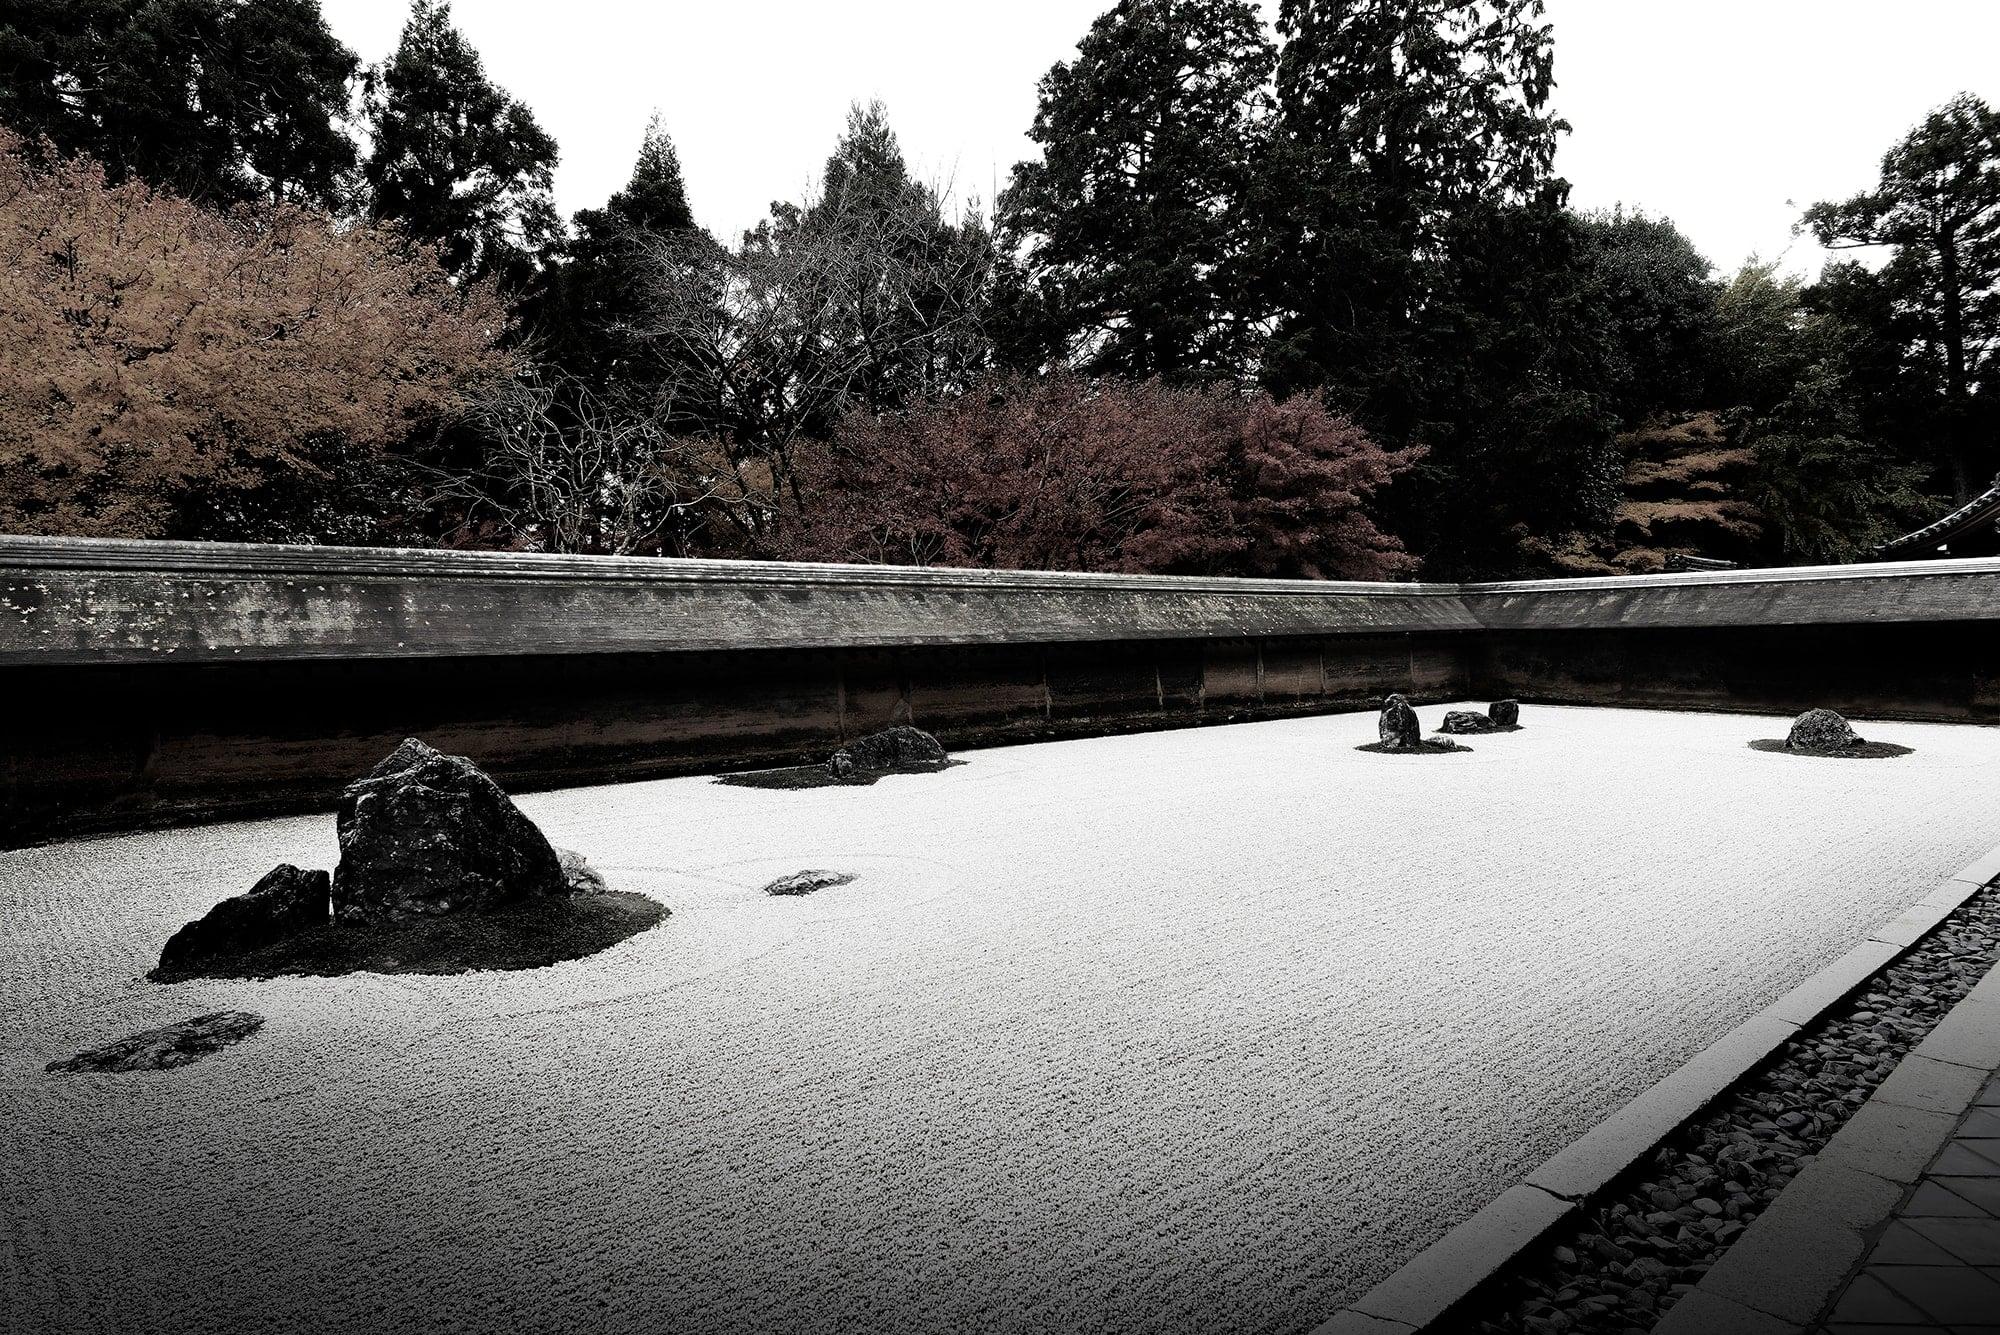 前田が向き合ったのは、日本人が培ってきた美意識の正体であった。龍安寺の石庭に見出したのは「余白」の美。引くことで生まれた枯山水の余白の奥に無限に広がる自然や、目に見えない「心で味わう美」であったことに気づく。日経デザイン/廣川淳哉著『MAZDA DESIGN  DESIGN BRANDING BUSINESS』日経BP社刊より。